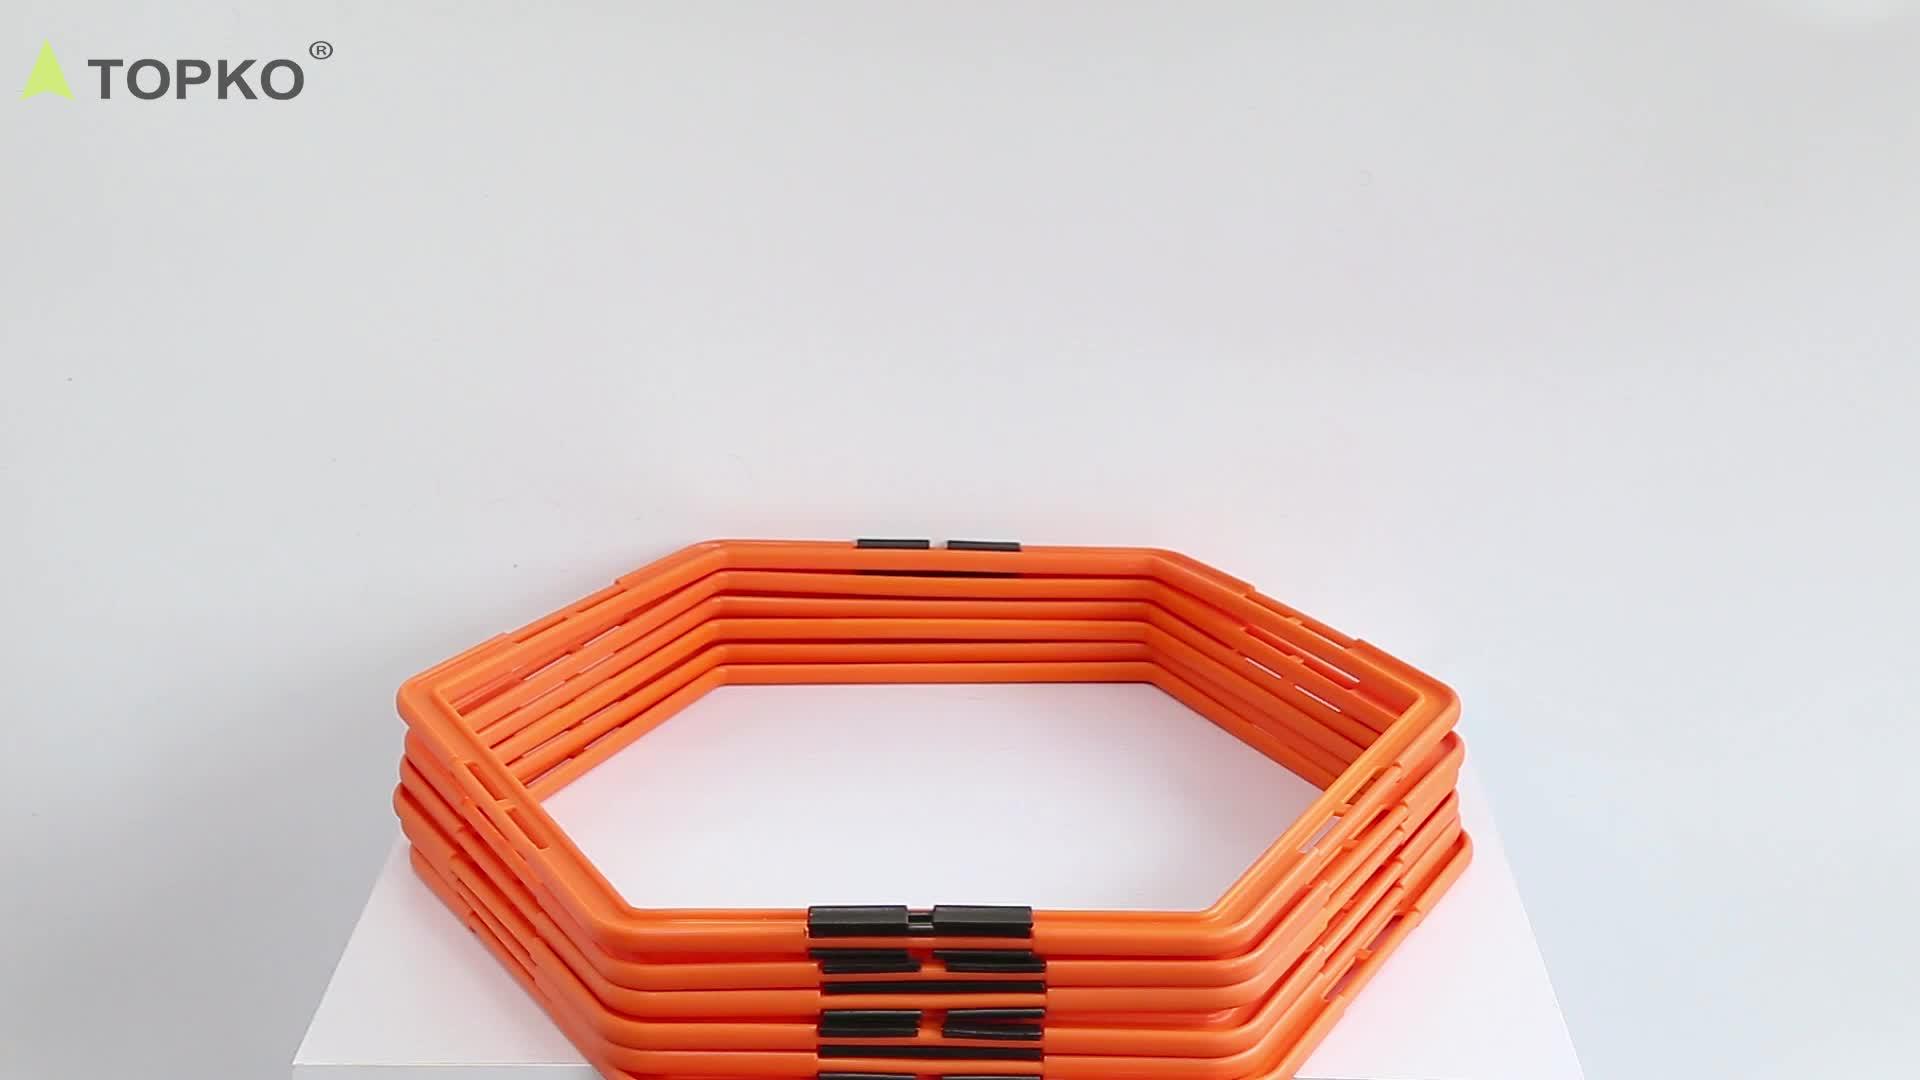 TOPKO commercio all'ingrosso private label palestra di sport attrezzature per il fitness di calcio di addestramento di velocità di trasporto eco PP nylon Agile scale